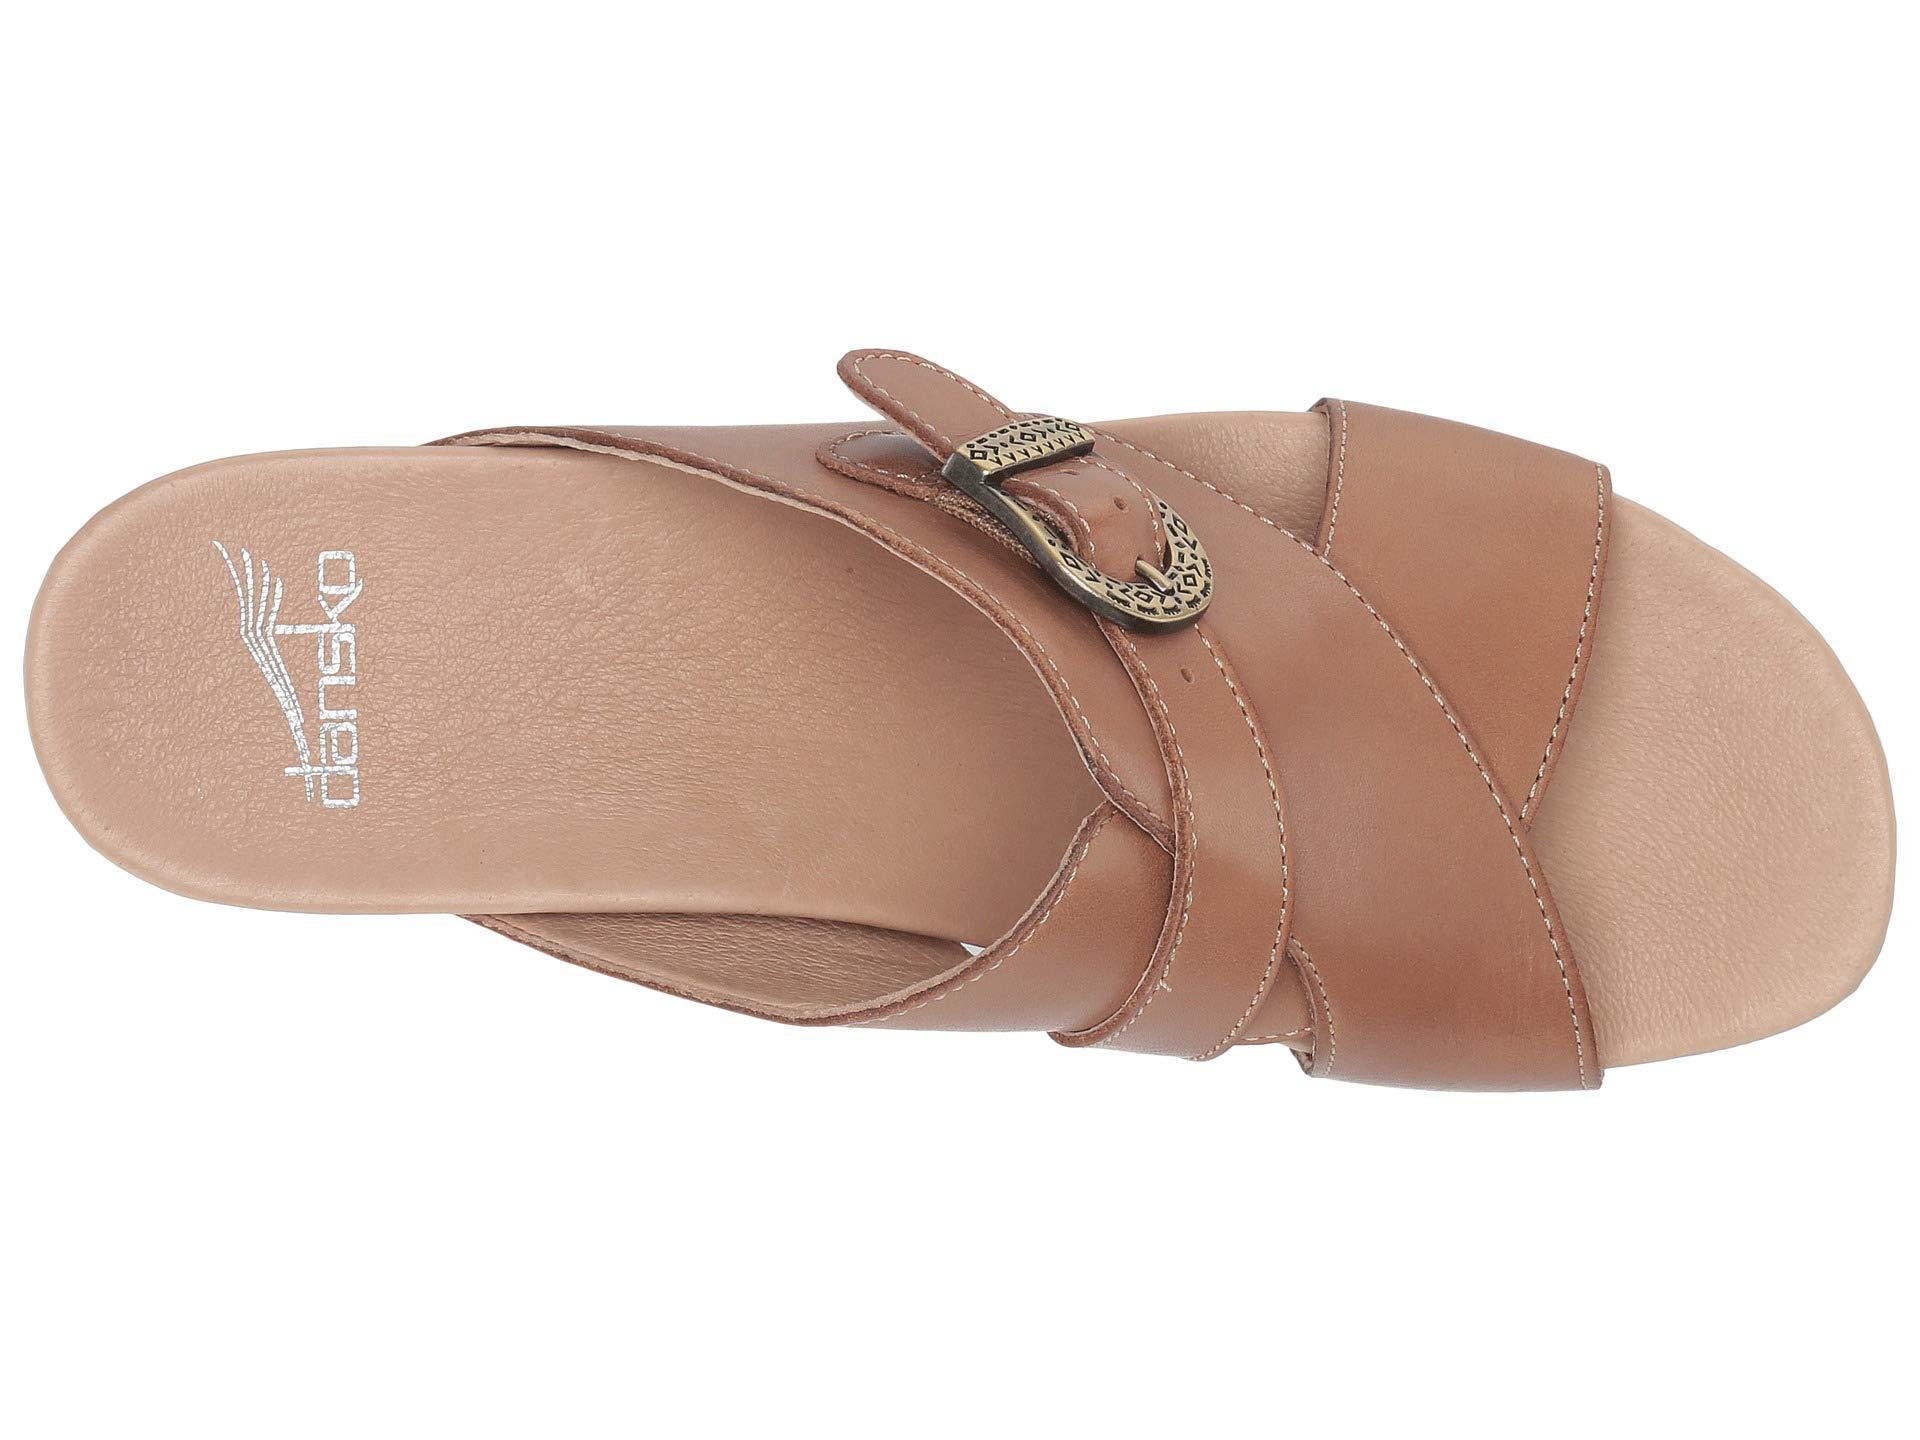 e69255a259fc Lyst - Dansko Amy (tan Burnished Calf) Women s Dress Sandals in Brown